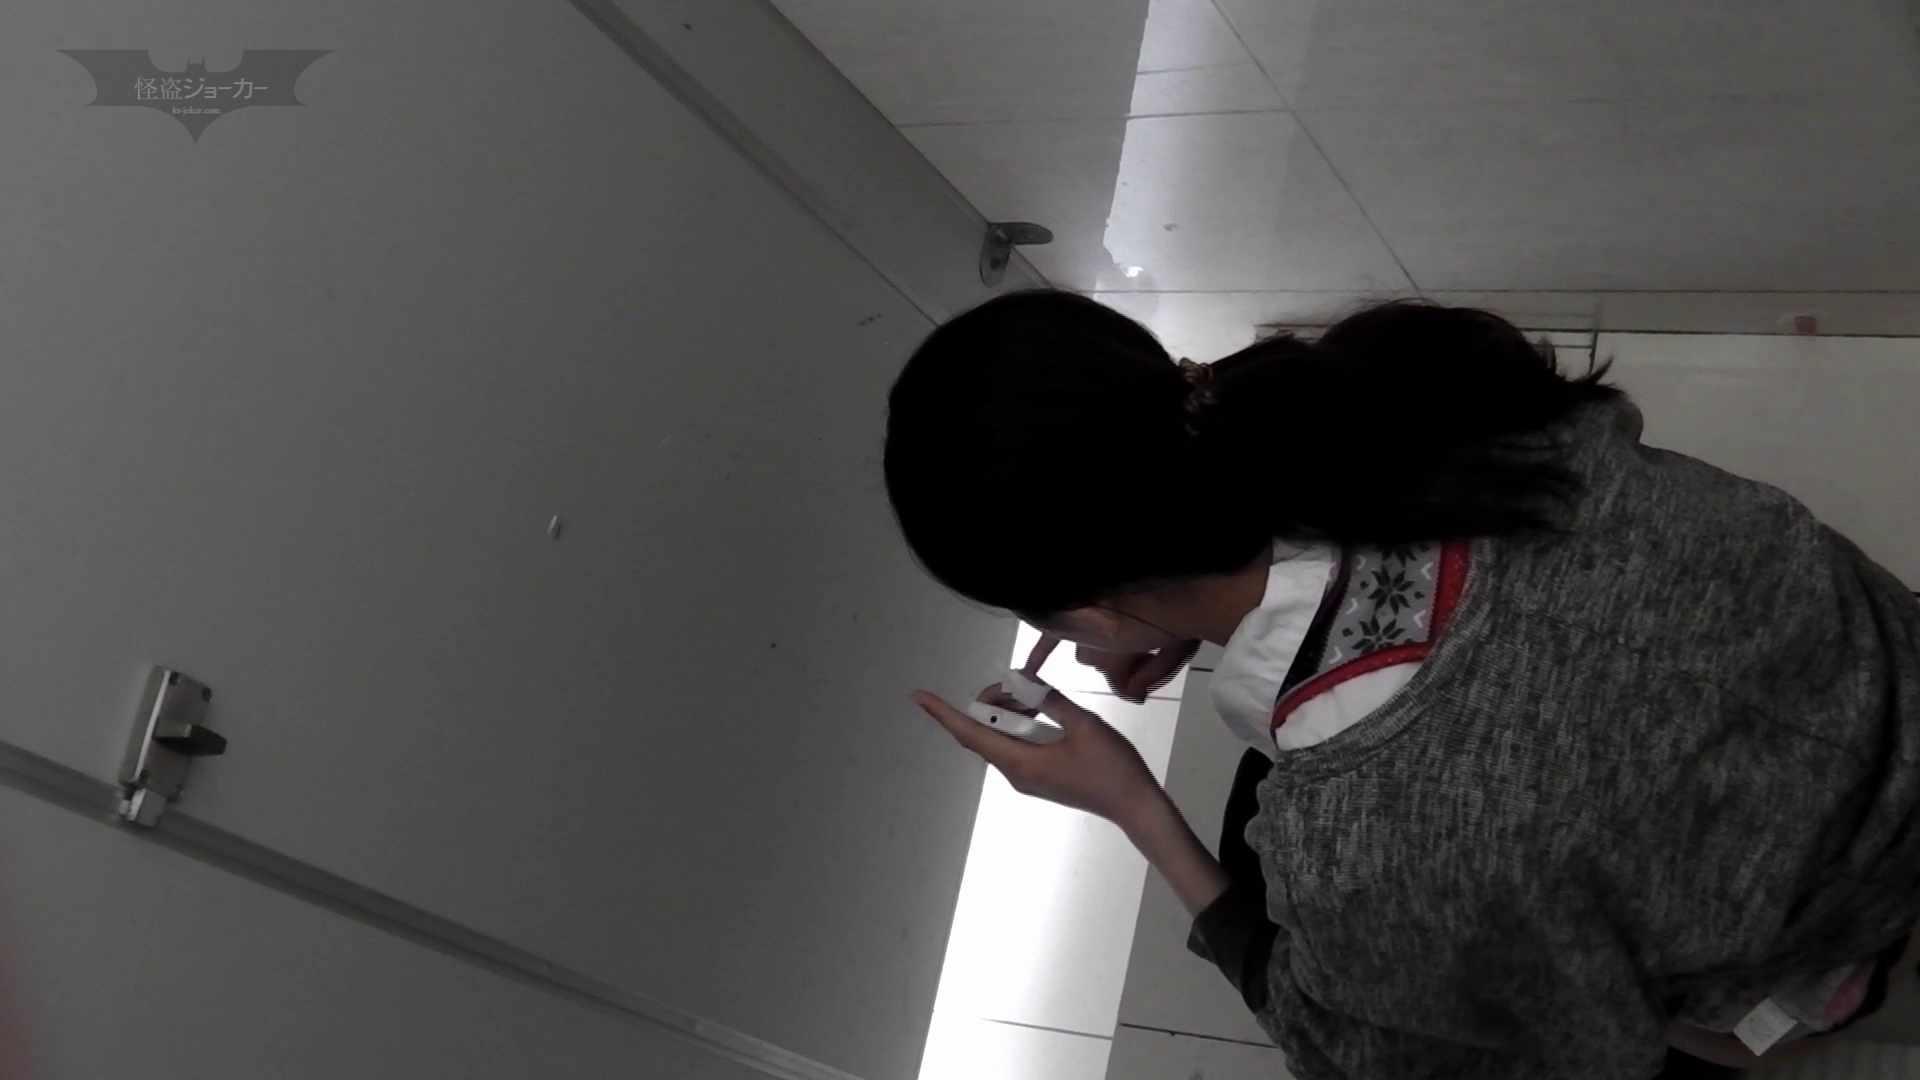 潜入!!台湾名門女学院 Vol.10 進化 美女ハメ撮り  110Pix 97